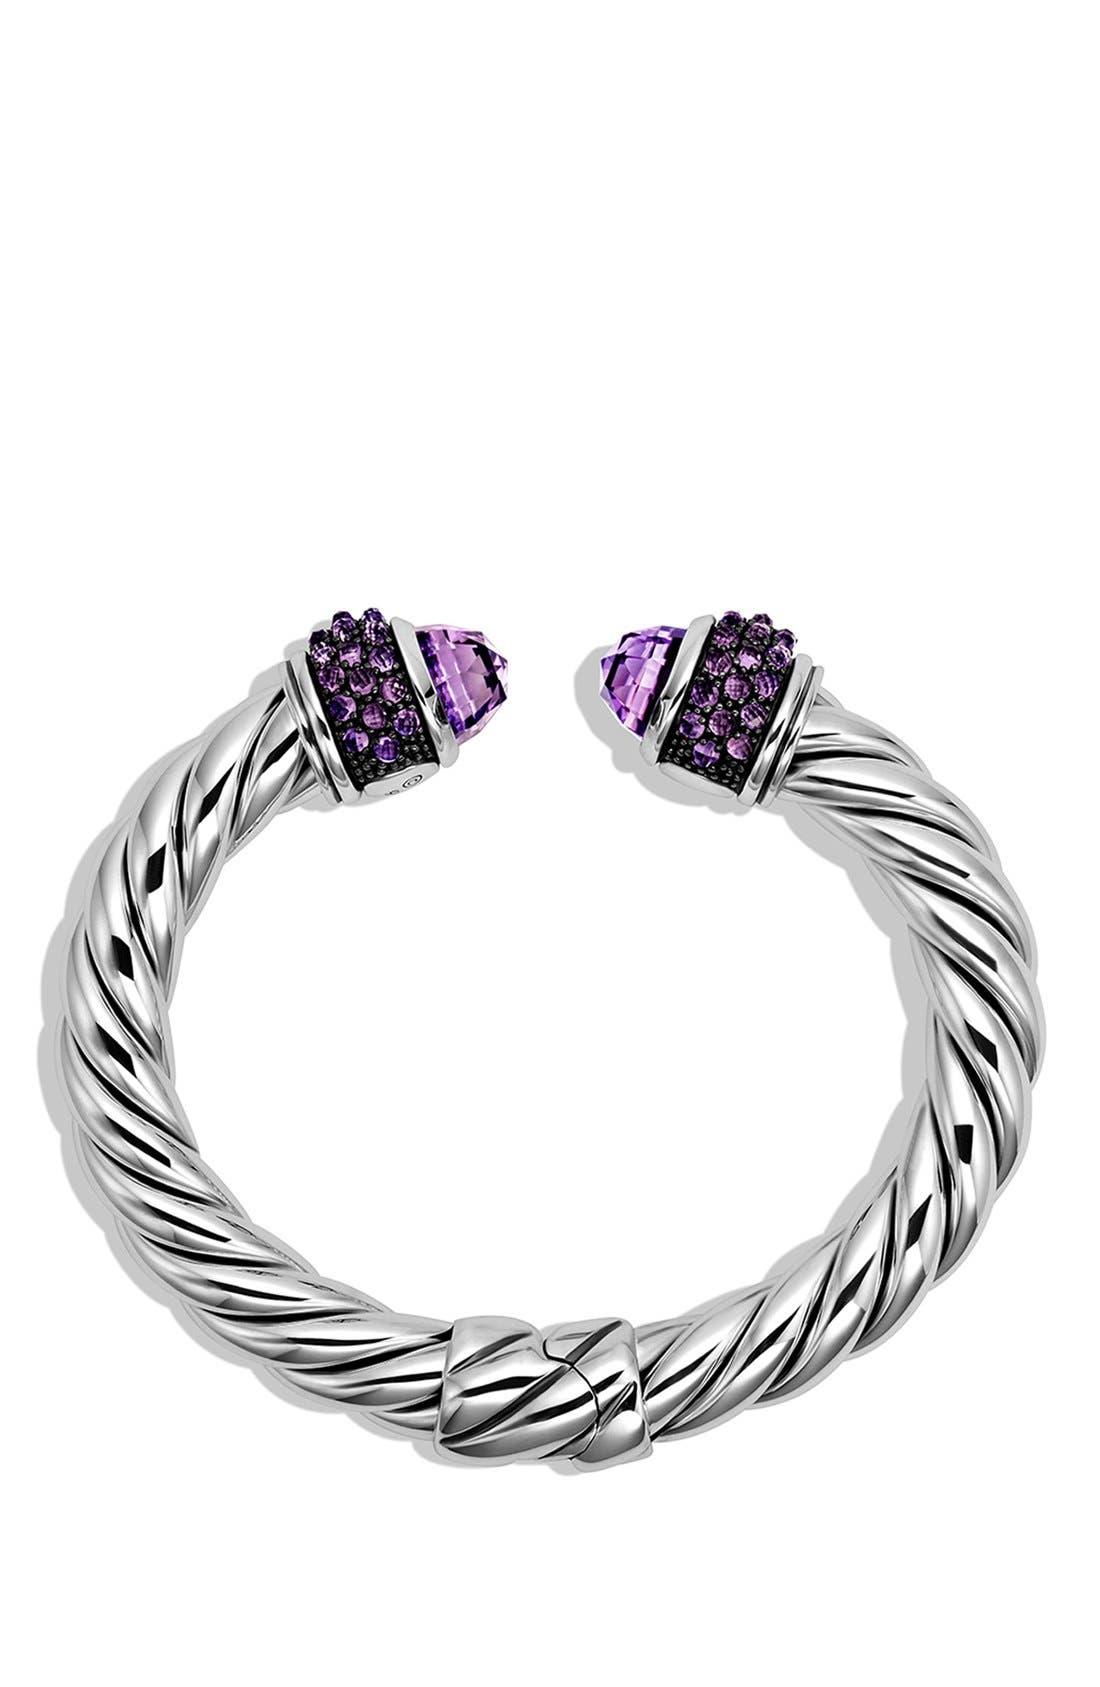 Alternate Image 2  - David Yurman Bracelet with Semiprecious Stones